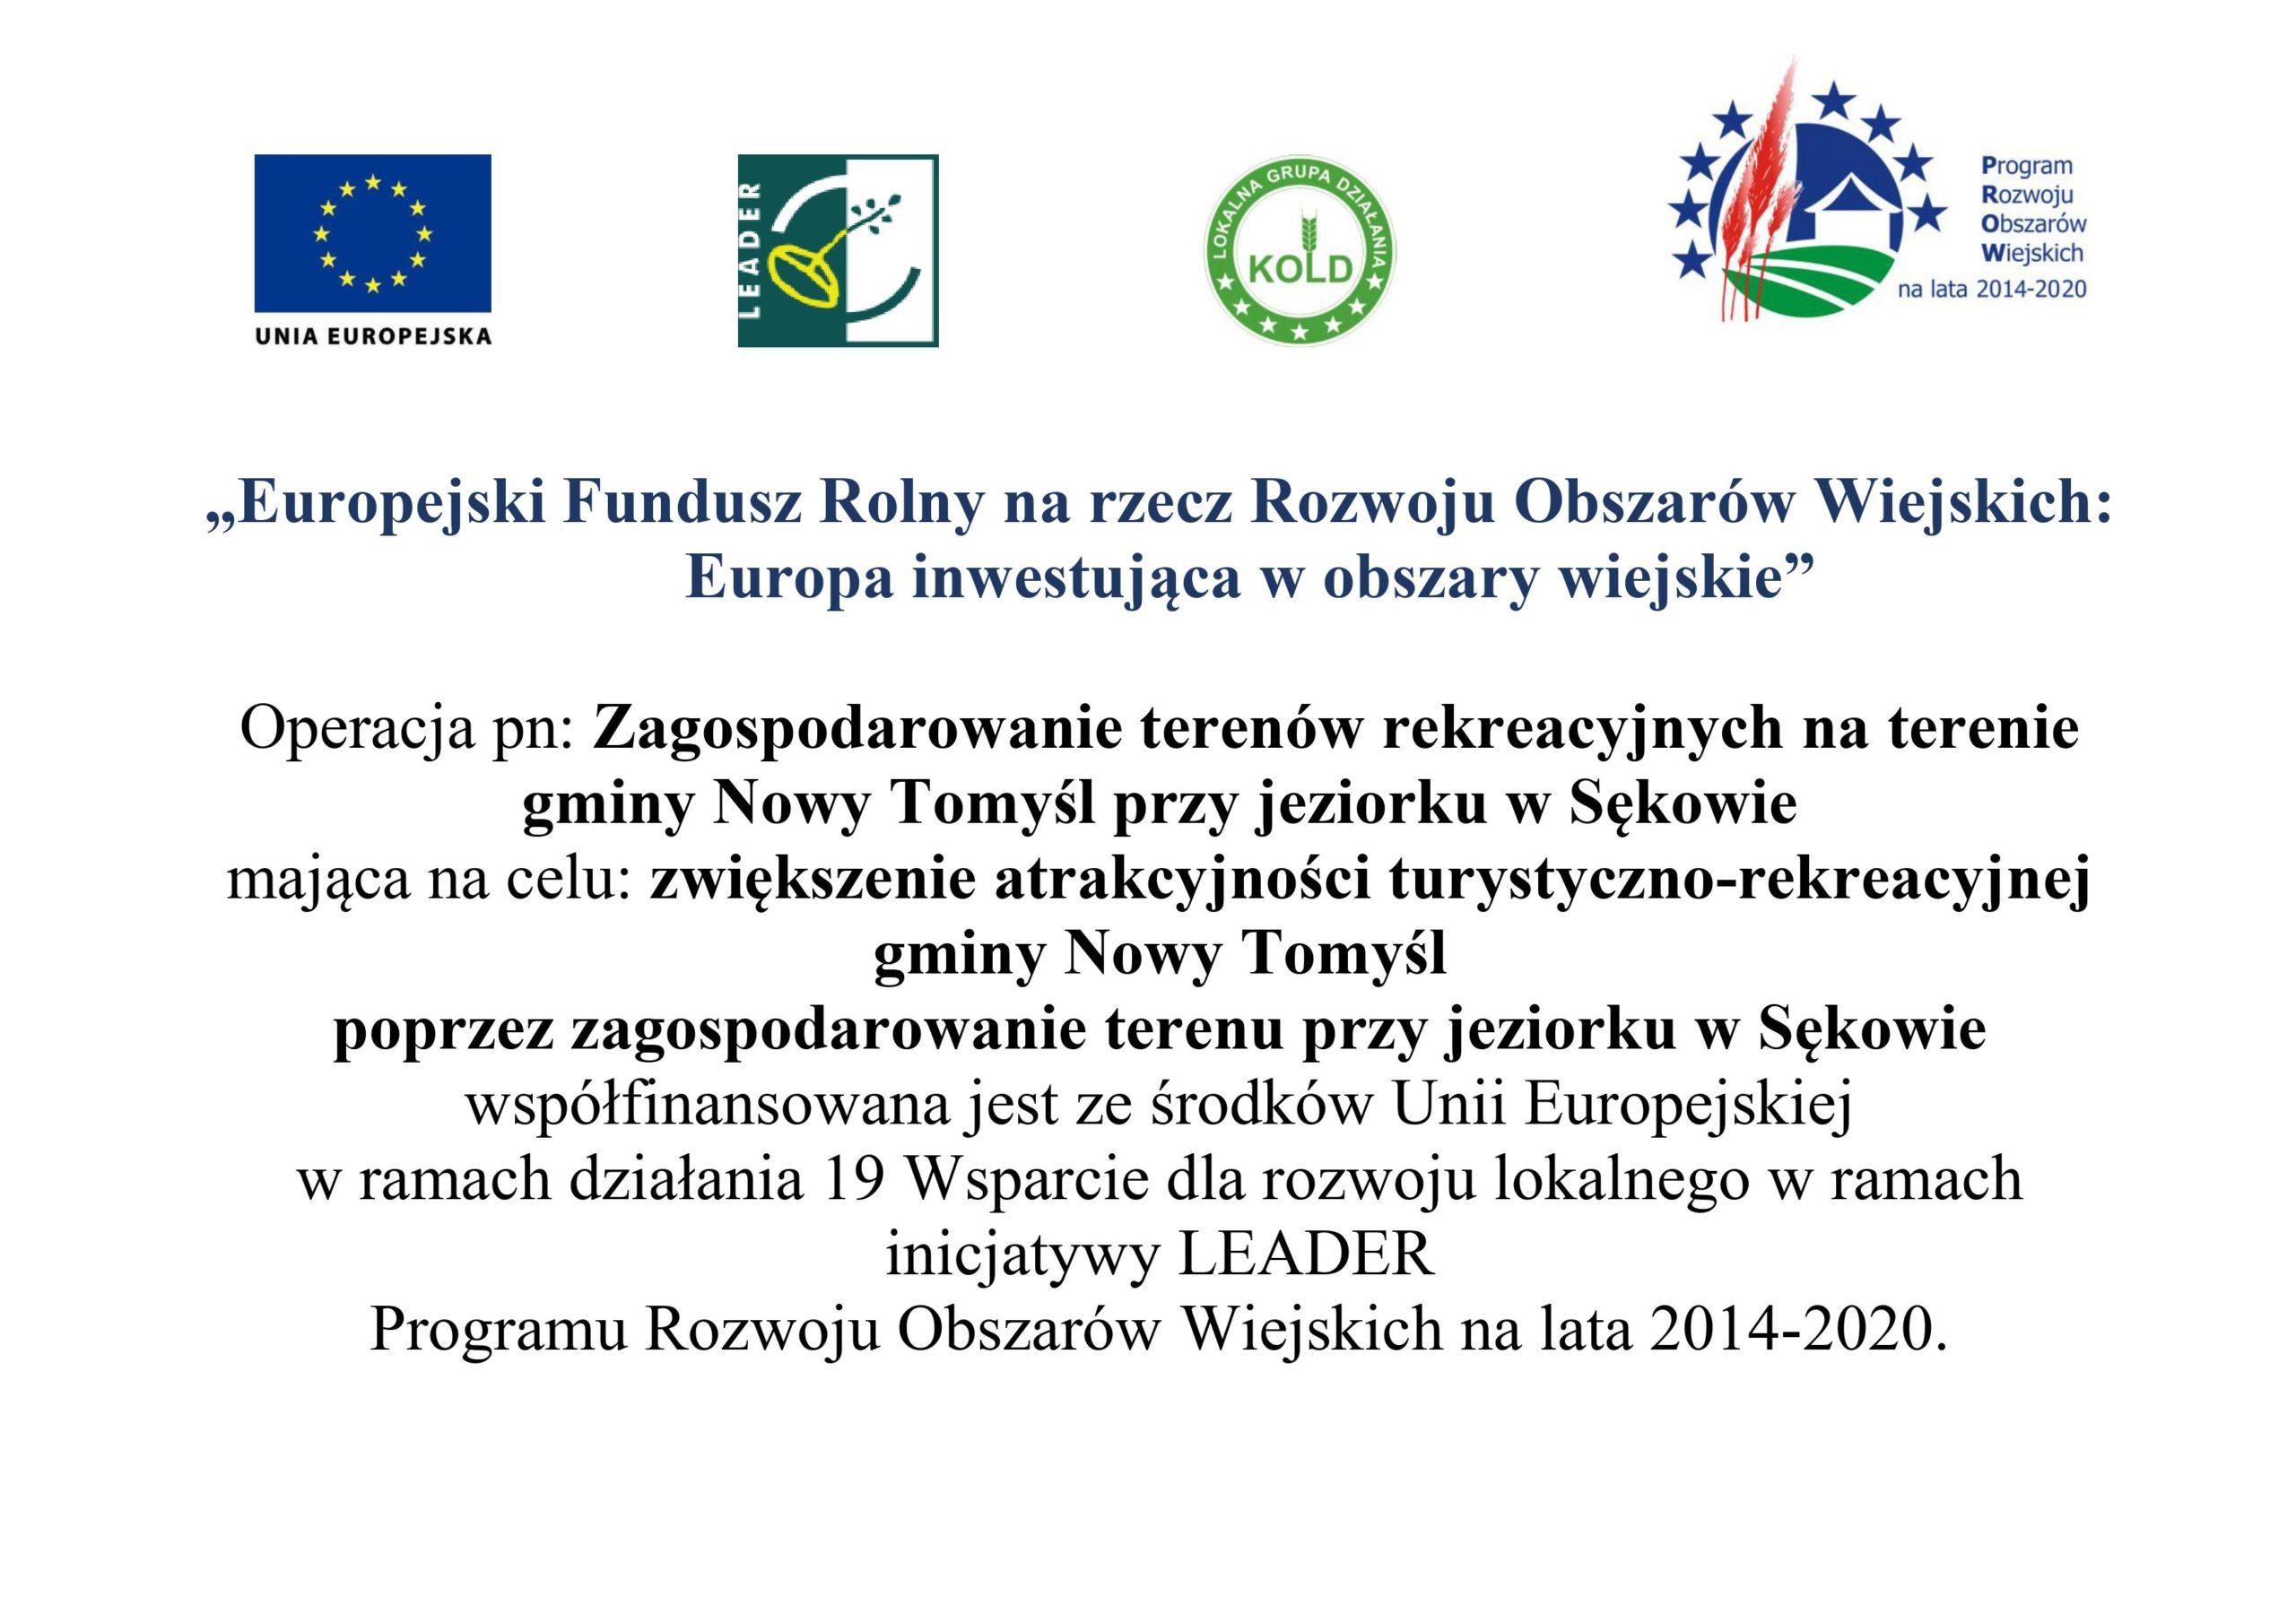 Zagospodarowanie terenów rekreacyjnych na terenie gminy Nowy Tomyśl przy jeziorku w Sękowie